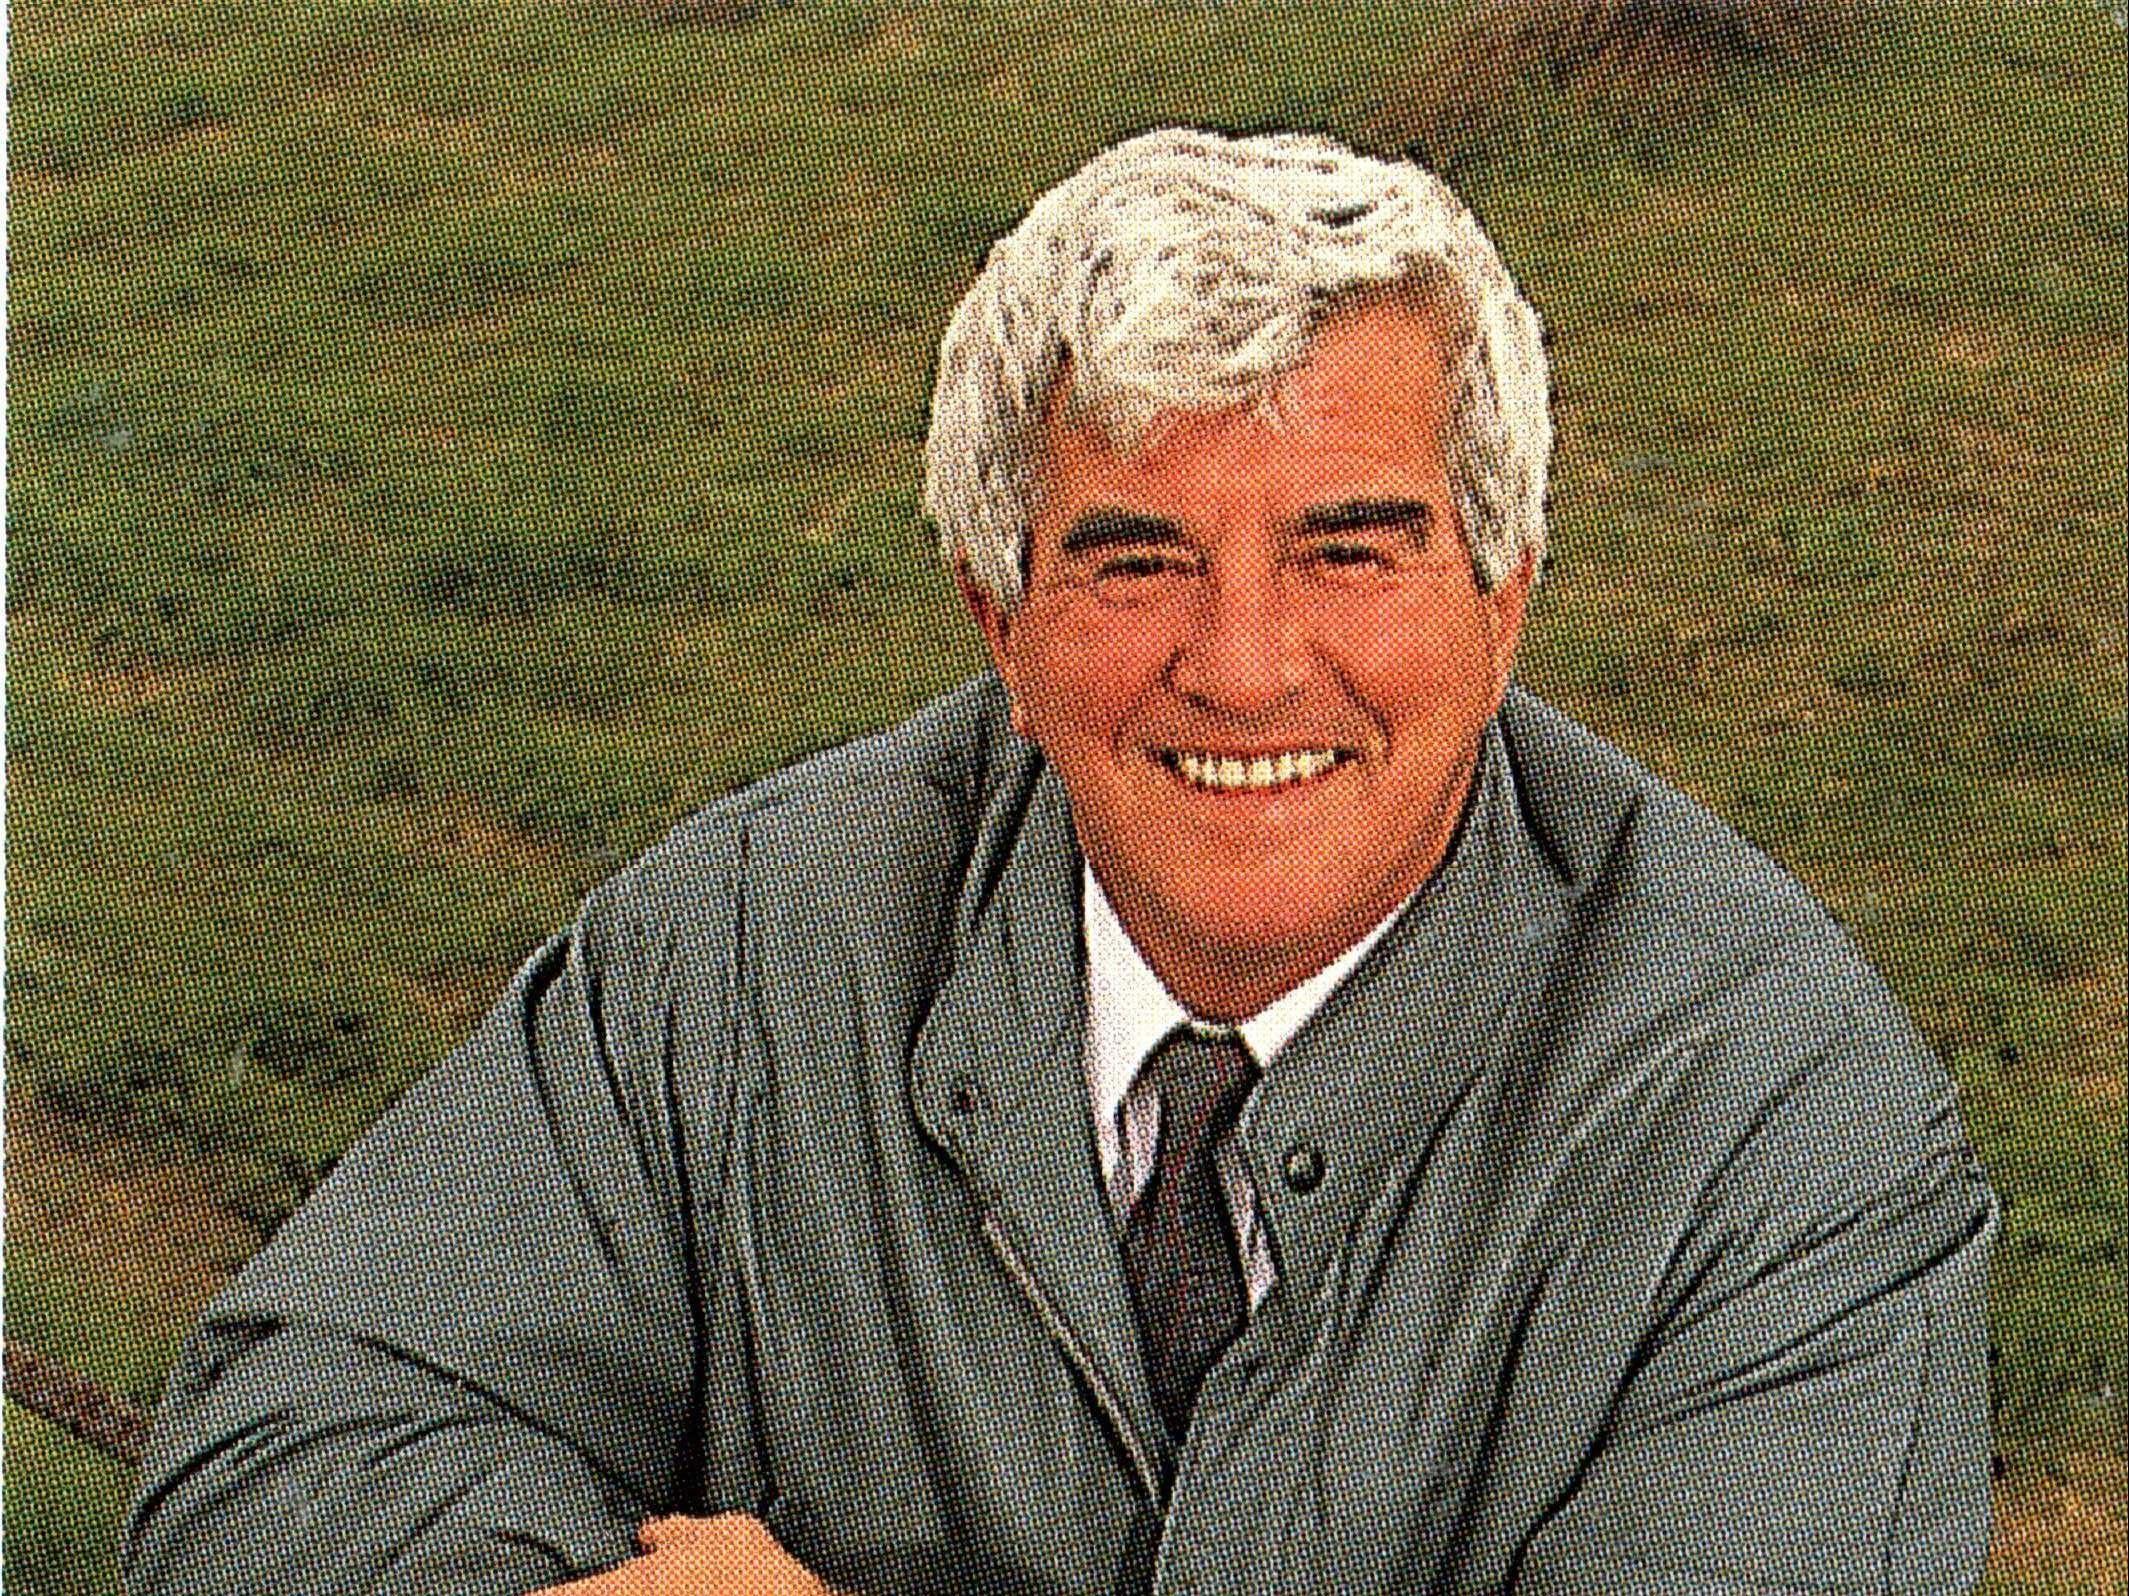 Arthur Edwards on the Somerset levels